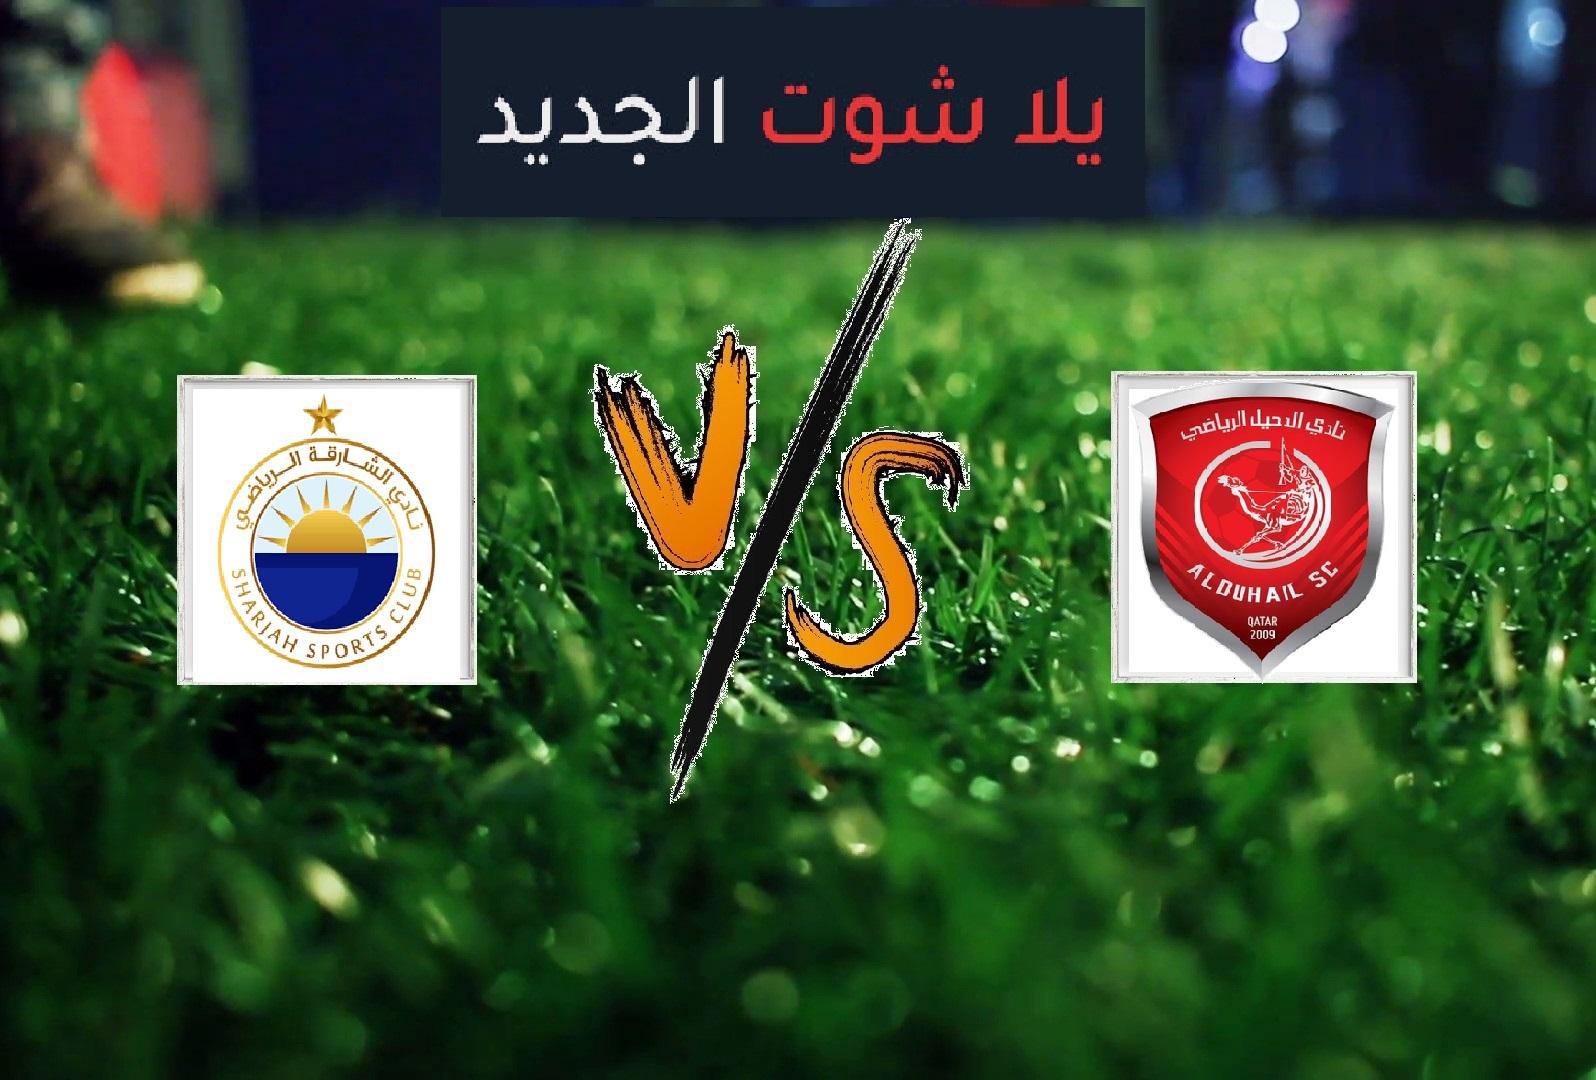 نتيجة مباراة الدحيل والشارقة اليوم الثلاثاء بتاريخ 15-09-2020 دوري أبطال آسيا